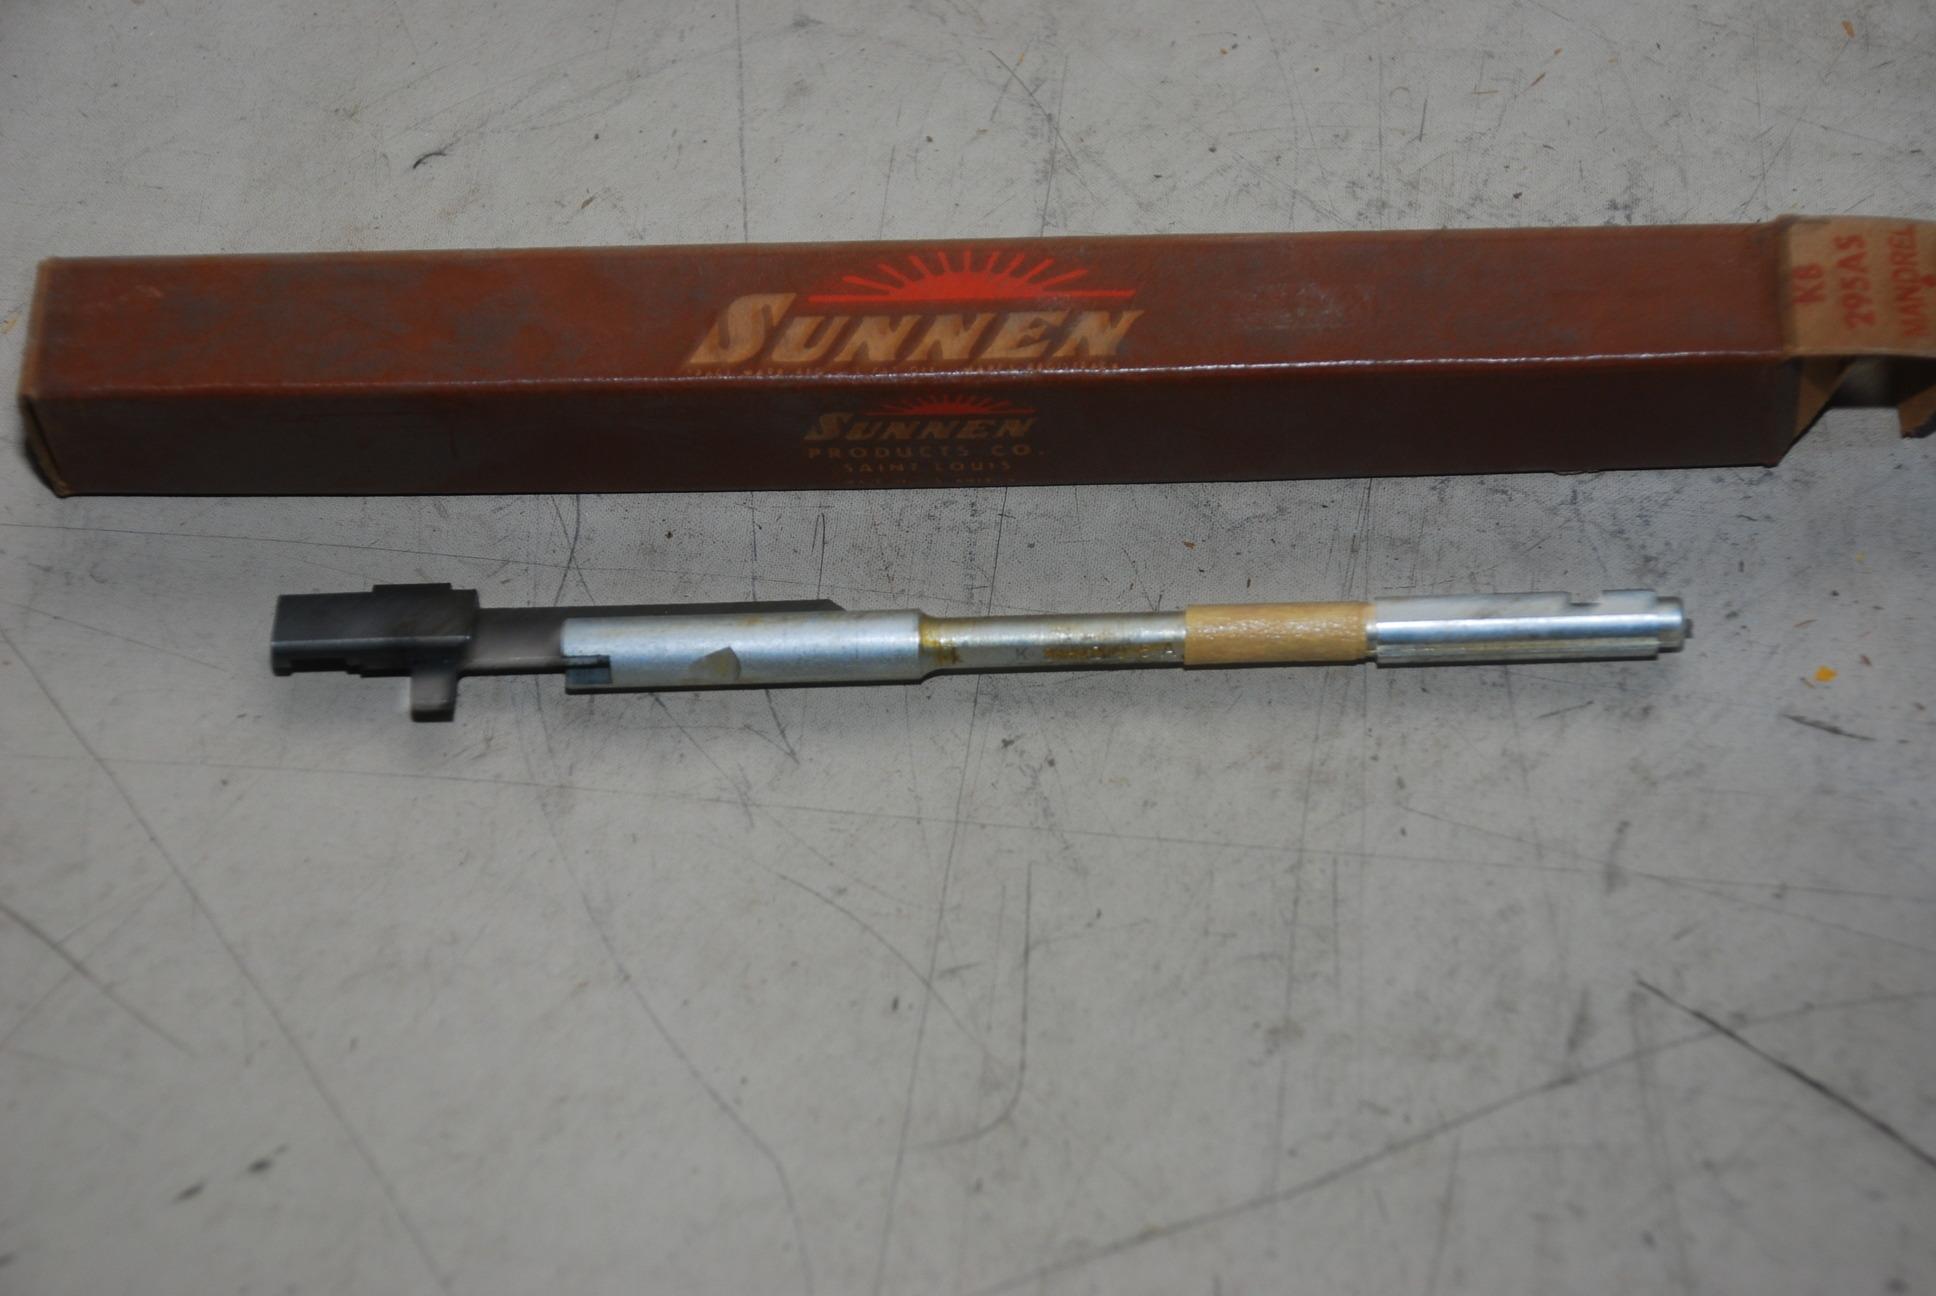 Sunnen K8-245AH-2D Mandrel NIB